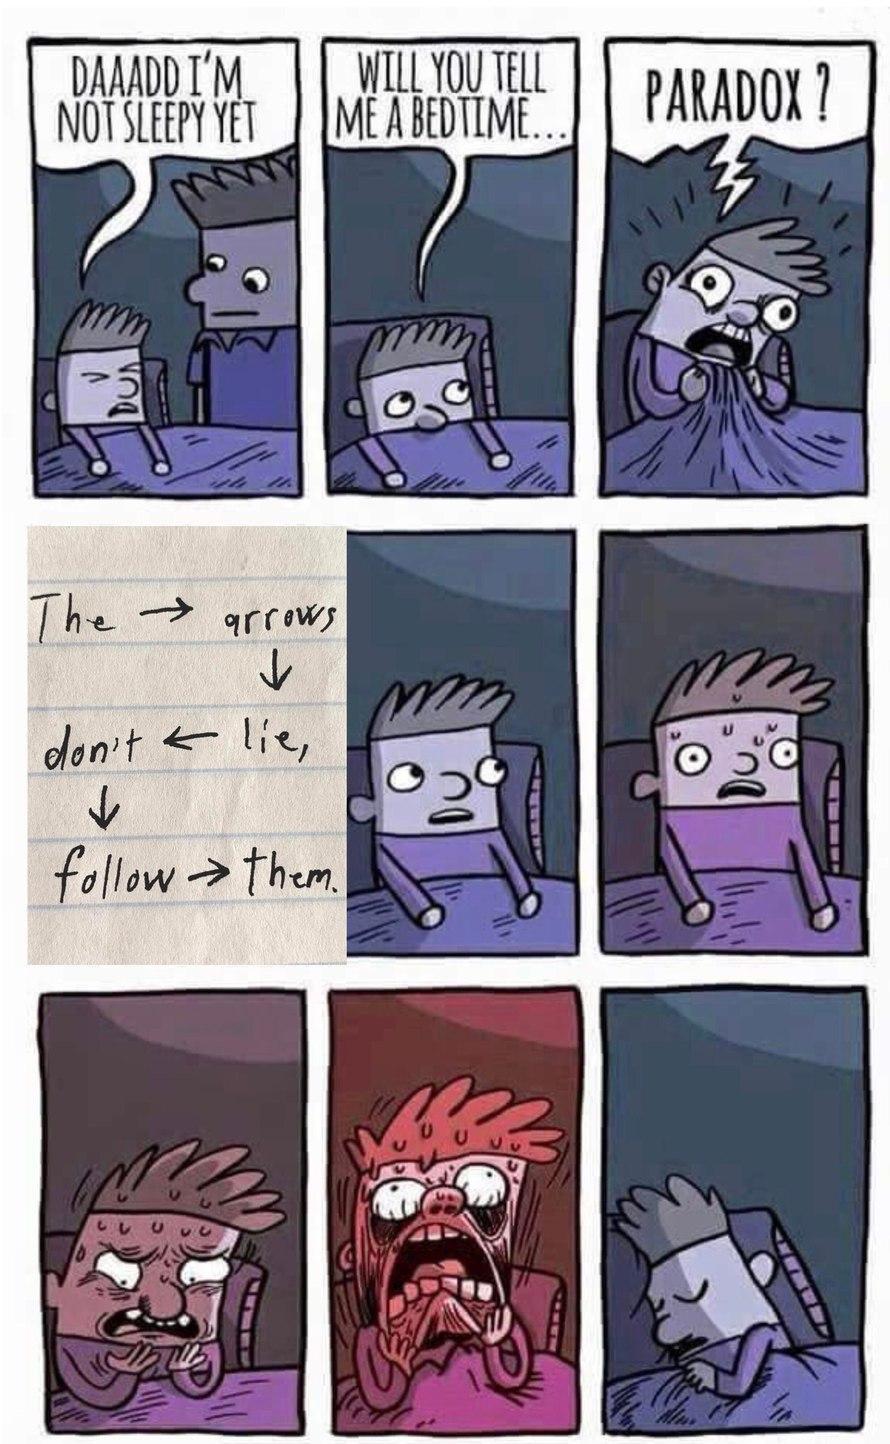 The don't follow arrows lie, them. - meme